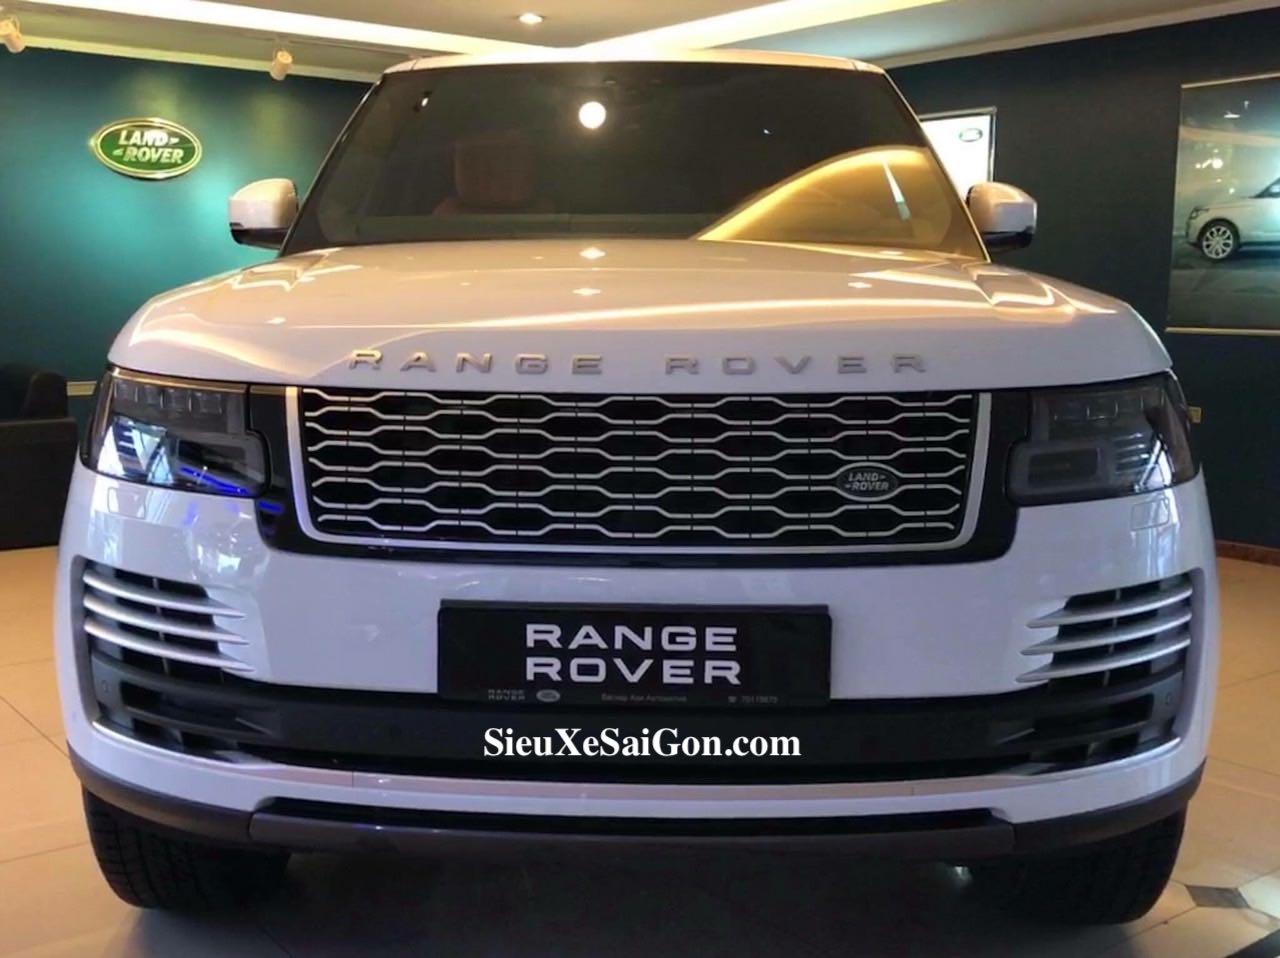 Giá Xe Range Rover Autobiography Dài LWB Phiên Bản Năm 2020